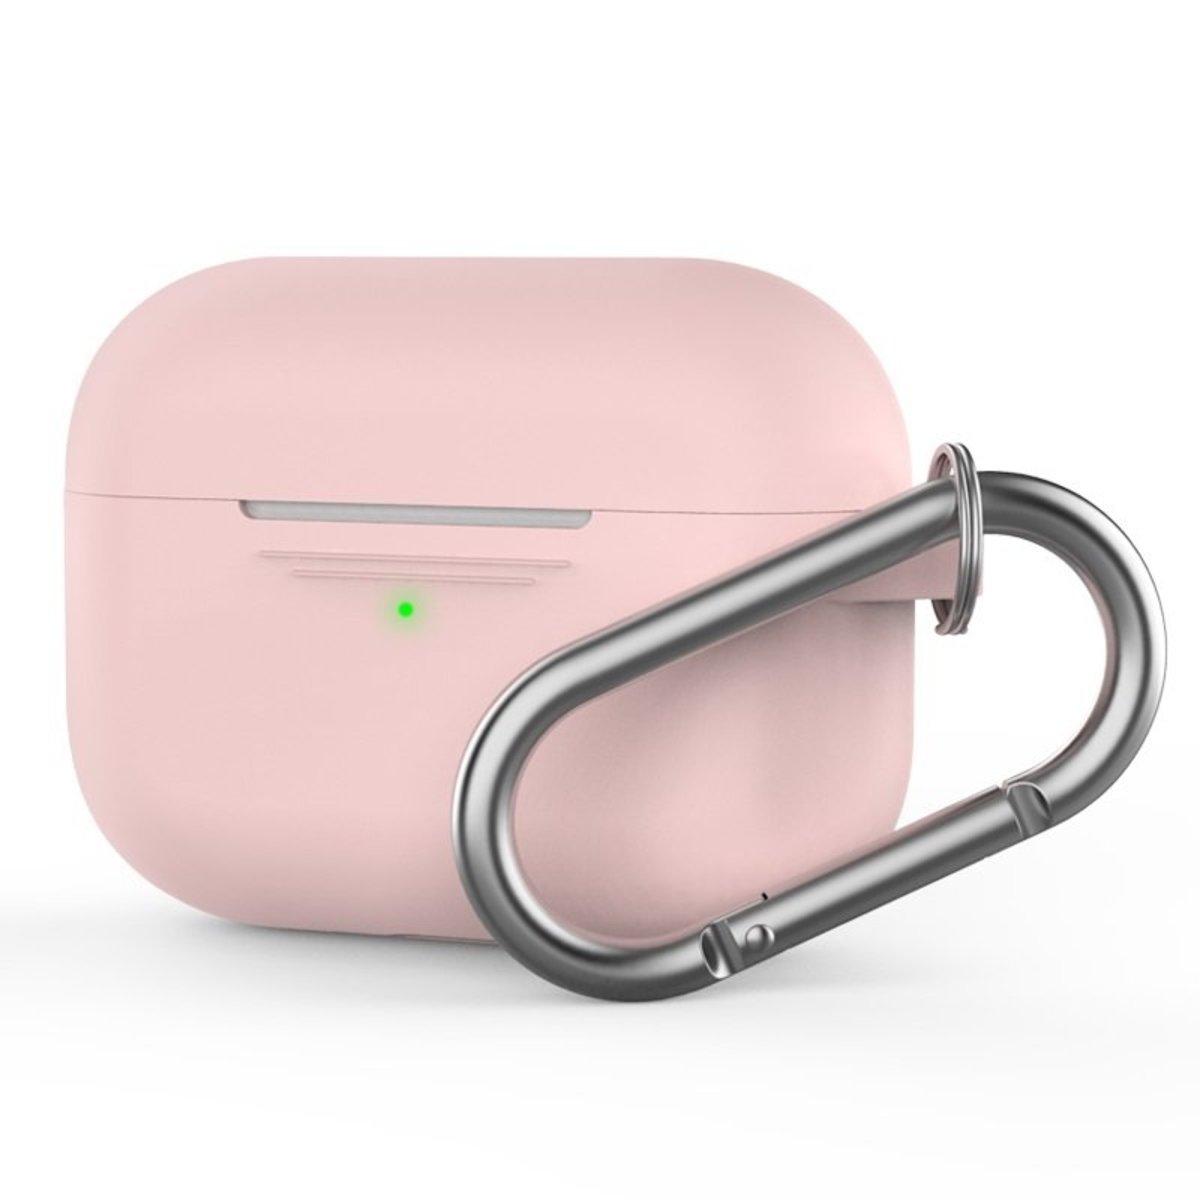 香港行貨 AirPods Pro 1.4mm 超薄矽膠連 掛鉤款保護套 粉紅色